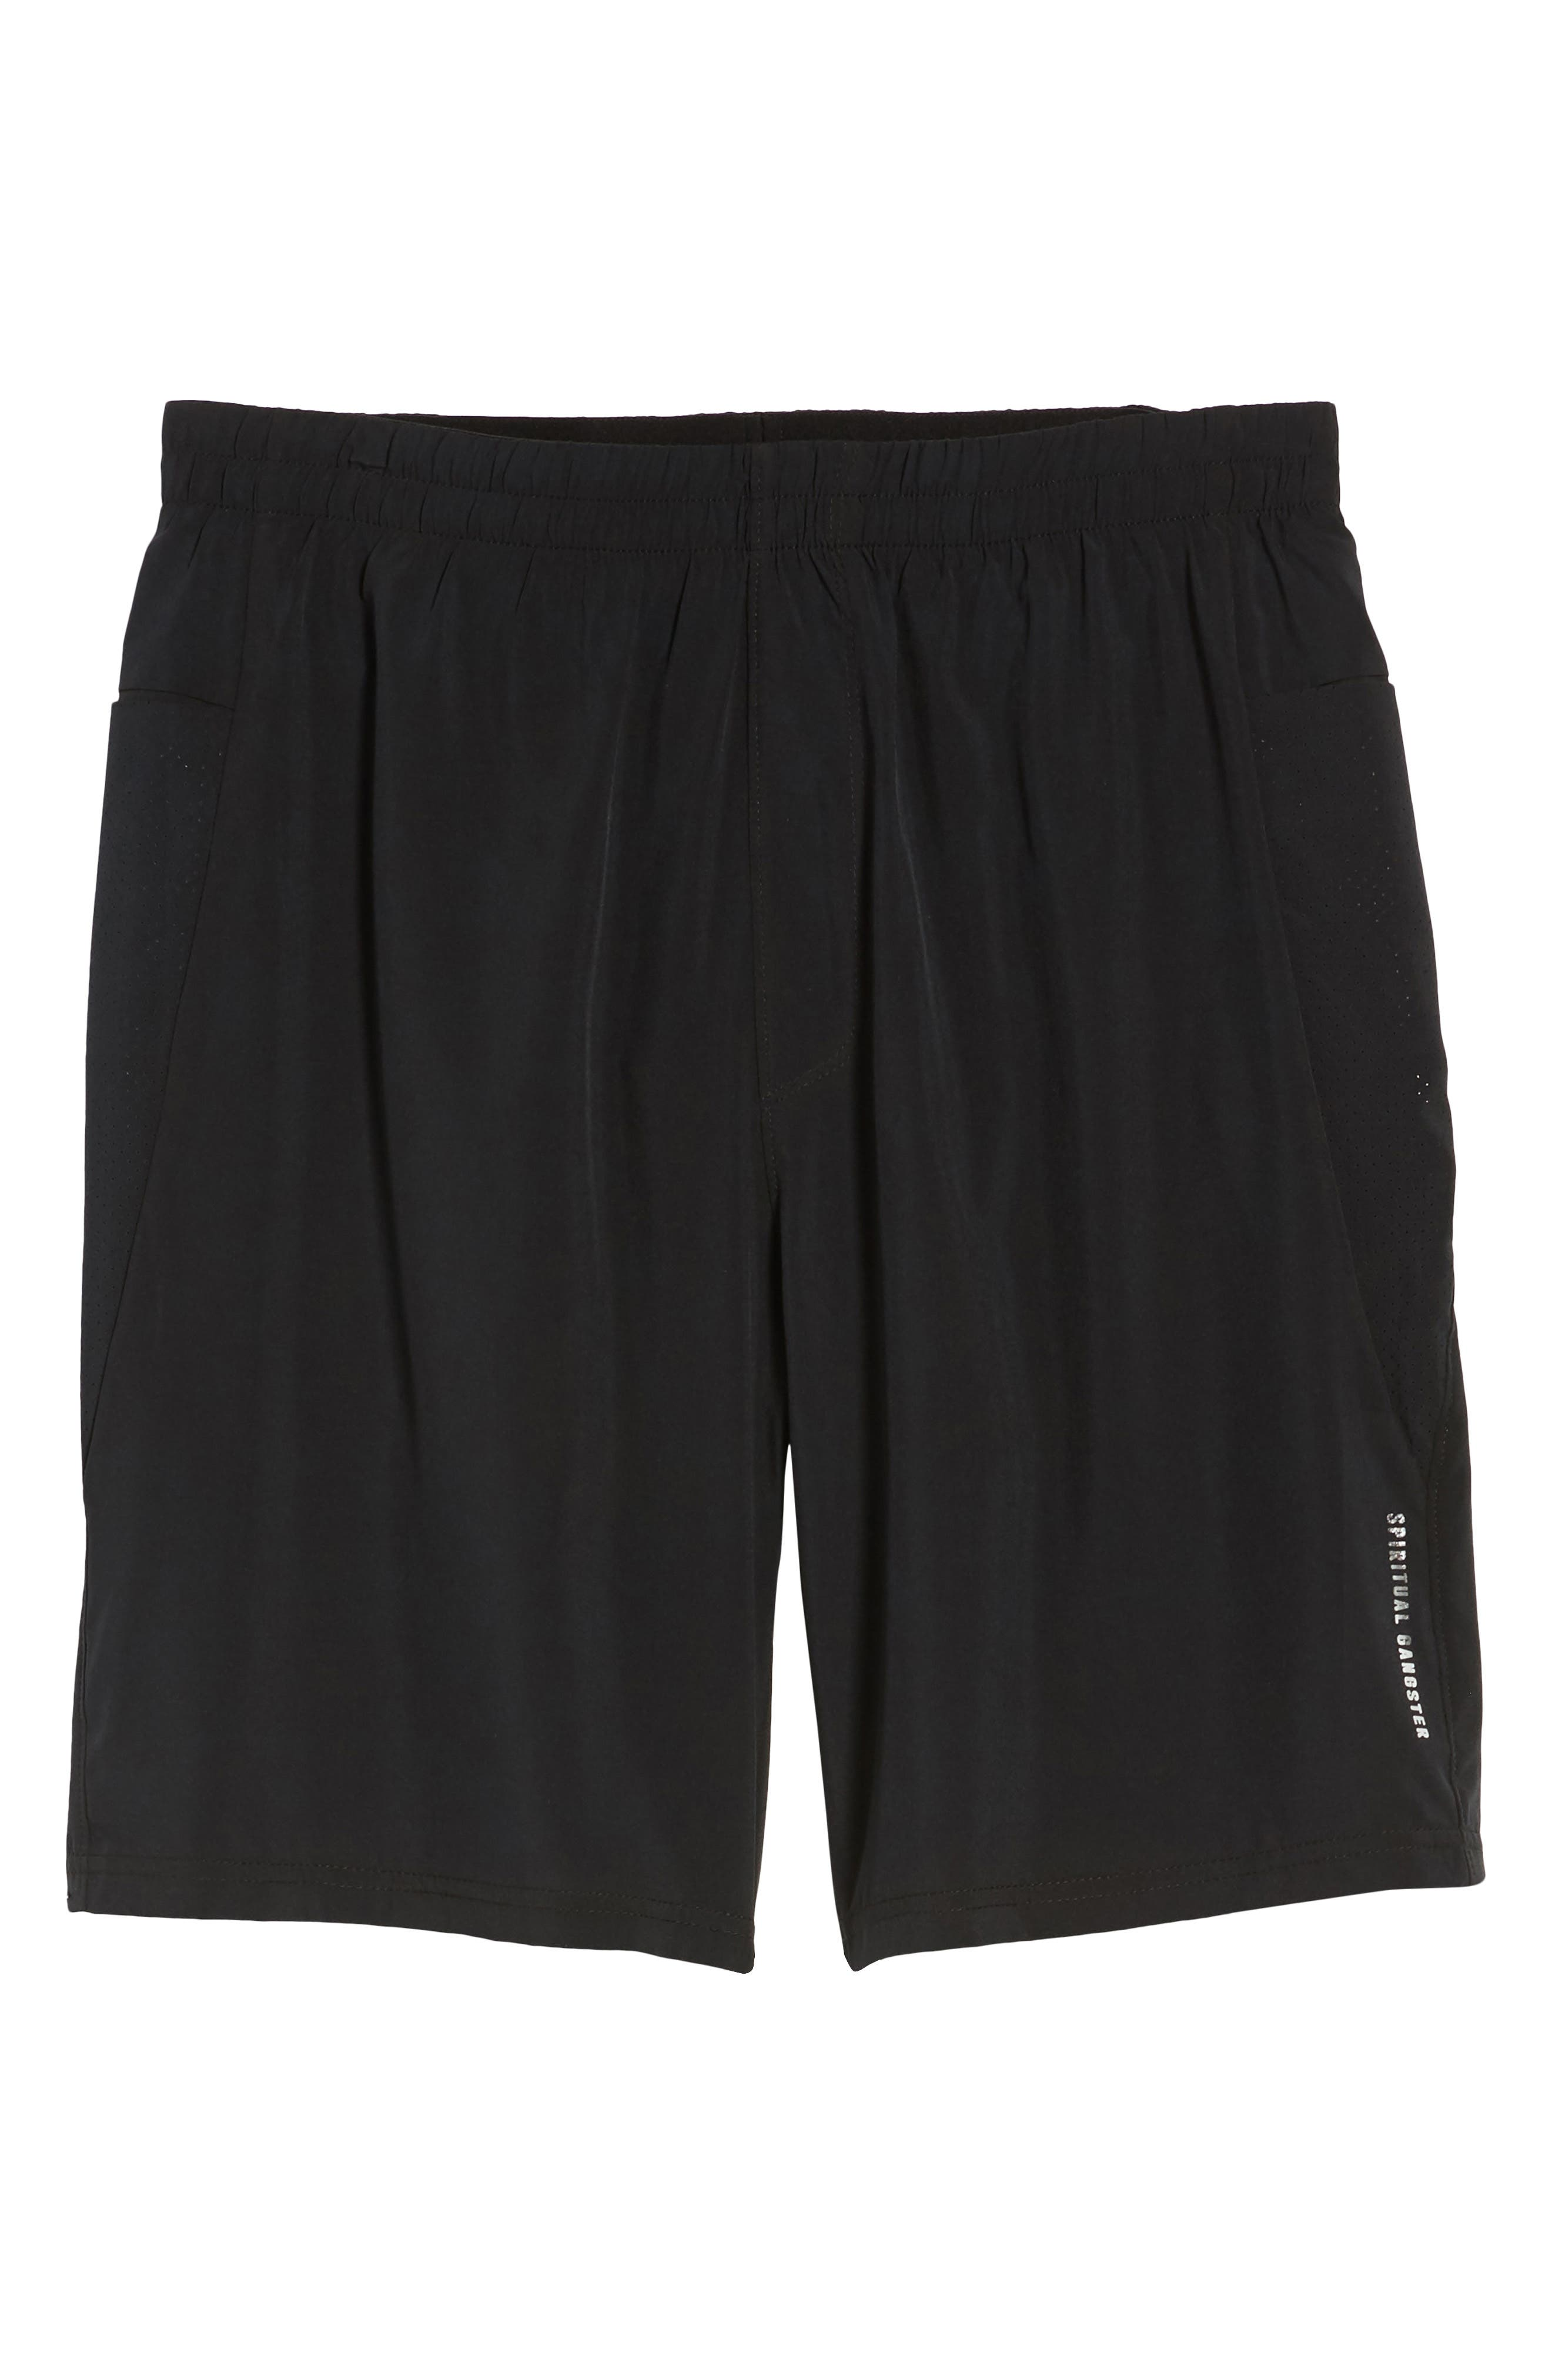 Ignite Shorts,                             Alternate thumbnail 6, color,                             001